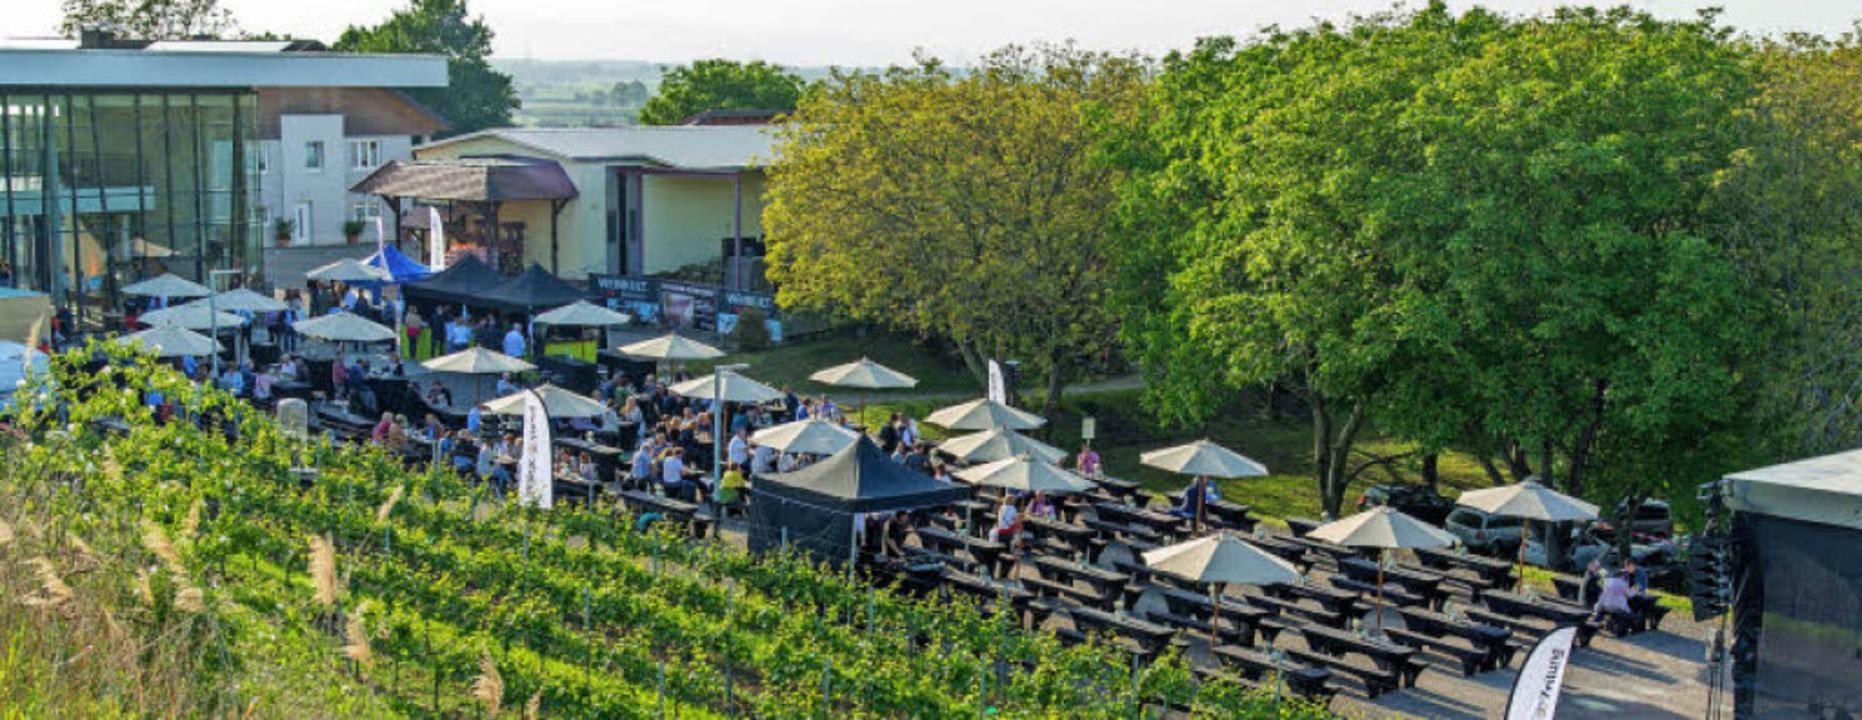 Gelungenes Ambiente bei Weinkult Breis...edeckten Tische vor dem Weingut Weber.  | Foto: Olaf MIchel